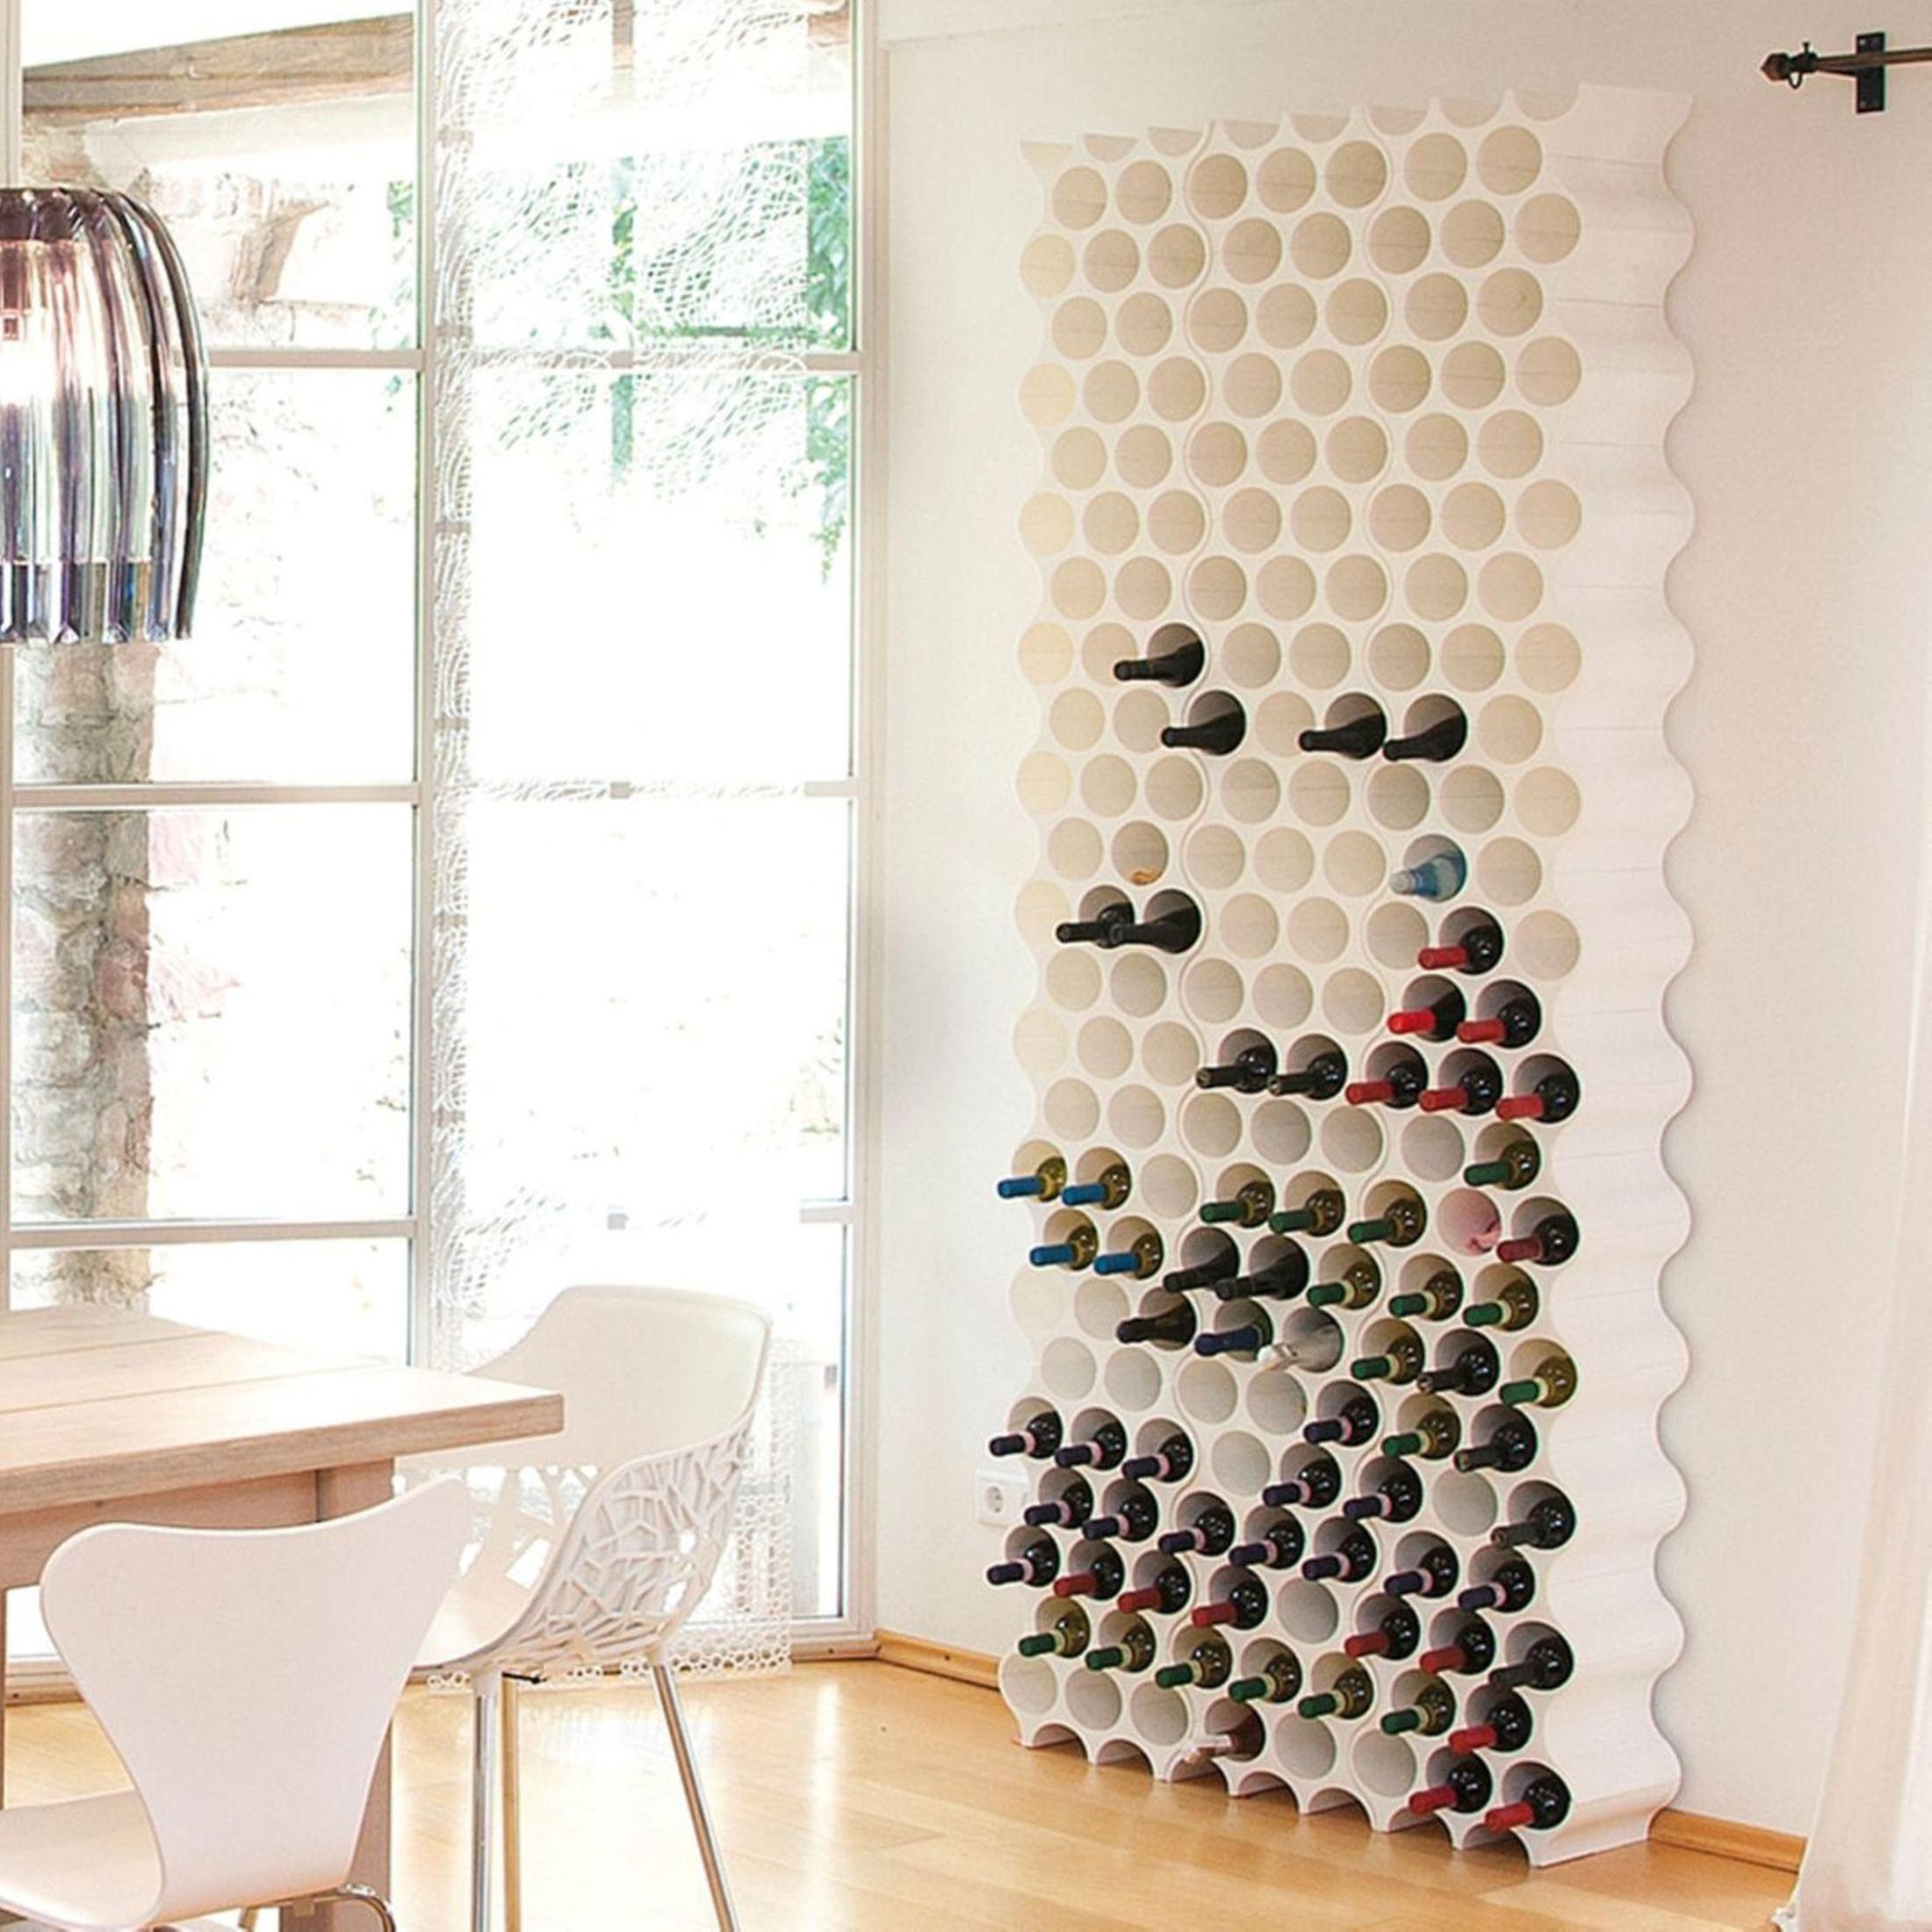 weinregal flaschenregal system set up f r 8 flaschen kunststoff stapelbar ebay. Black Bedroom Furniture Sets. Home Design Ideas